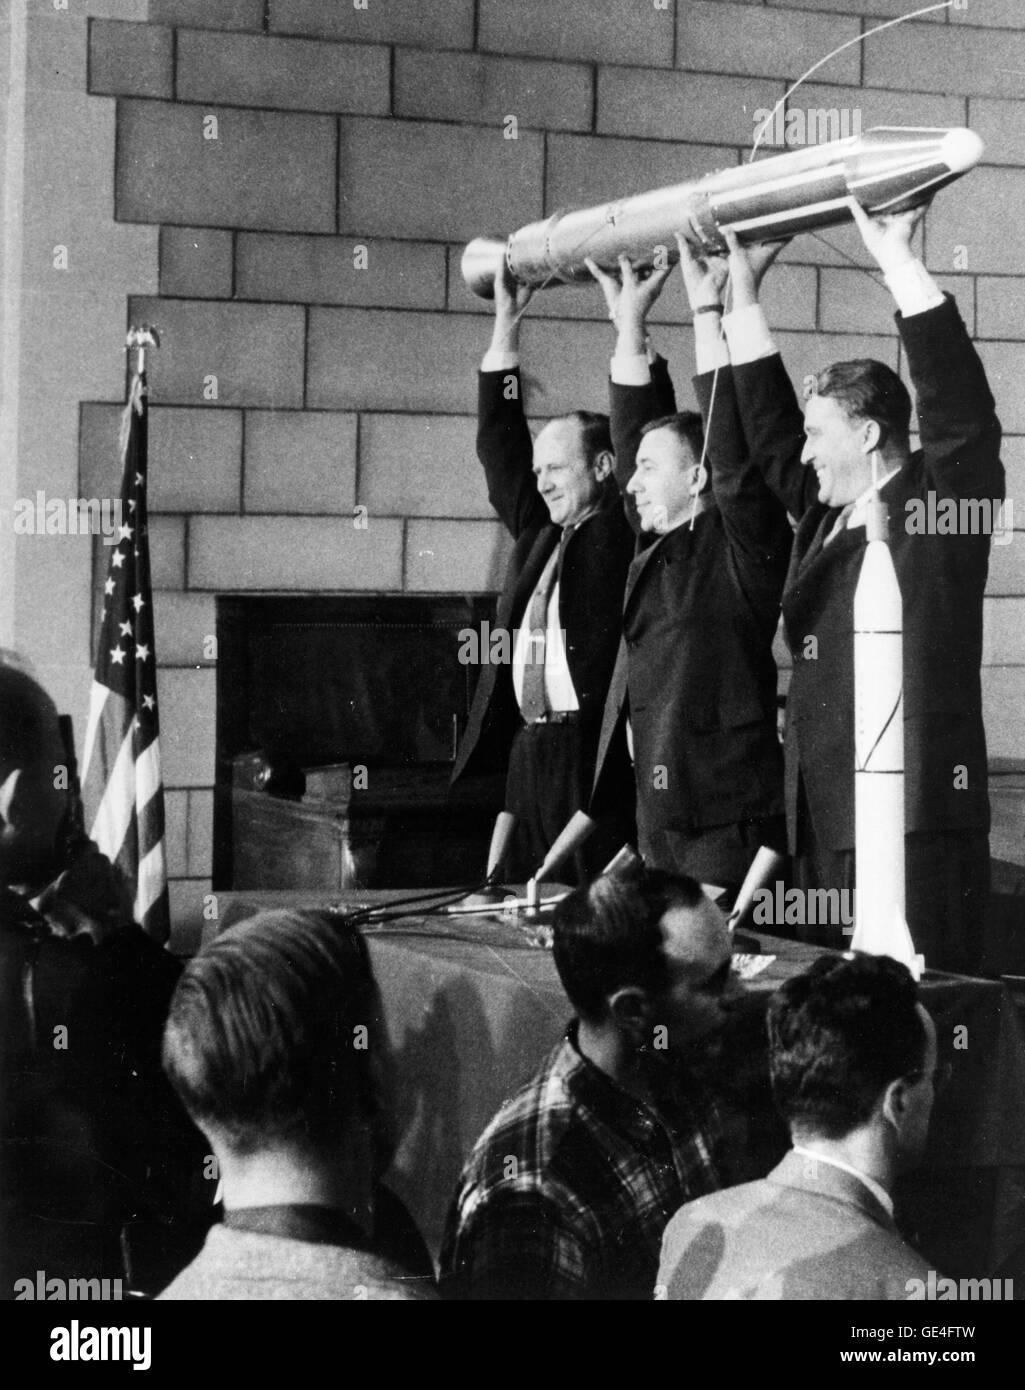 Die drei Männer verantwortlich für den Erfolg von Explorer 1, Amerikas ersten Erdsatelliten gestartete 31. Januar 1958, feiern ihren Erfolg früh am nächsten Morgen. Auf der linken Seite ist Dr. William H. Pickering, der damalige Direktor des Jet Propulsion Laboratory, gebaut und betrieben von den Satelliten. Dr. James A. Van Allen, Zentrum, von der State University of Iowa, entwarf und baute das Instrument auf Explorer, die die Strahlengürtel entdeckt, die die Erde umrunden. Auf der rechten Seite ist Dr. Wernher von Braun, Leiter der Armee Redstone Arsenal-Mannschaft, die der ersten Stufe Redstone Rakete, dass Lau gebaut Stockfoto